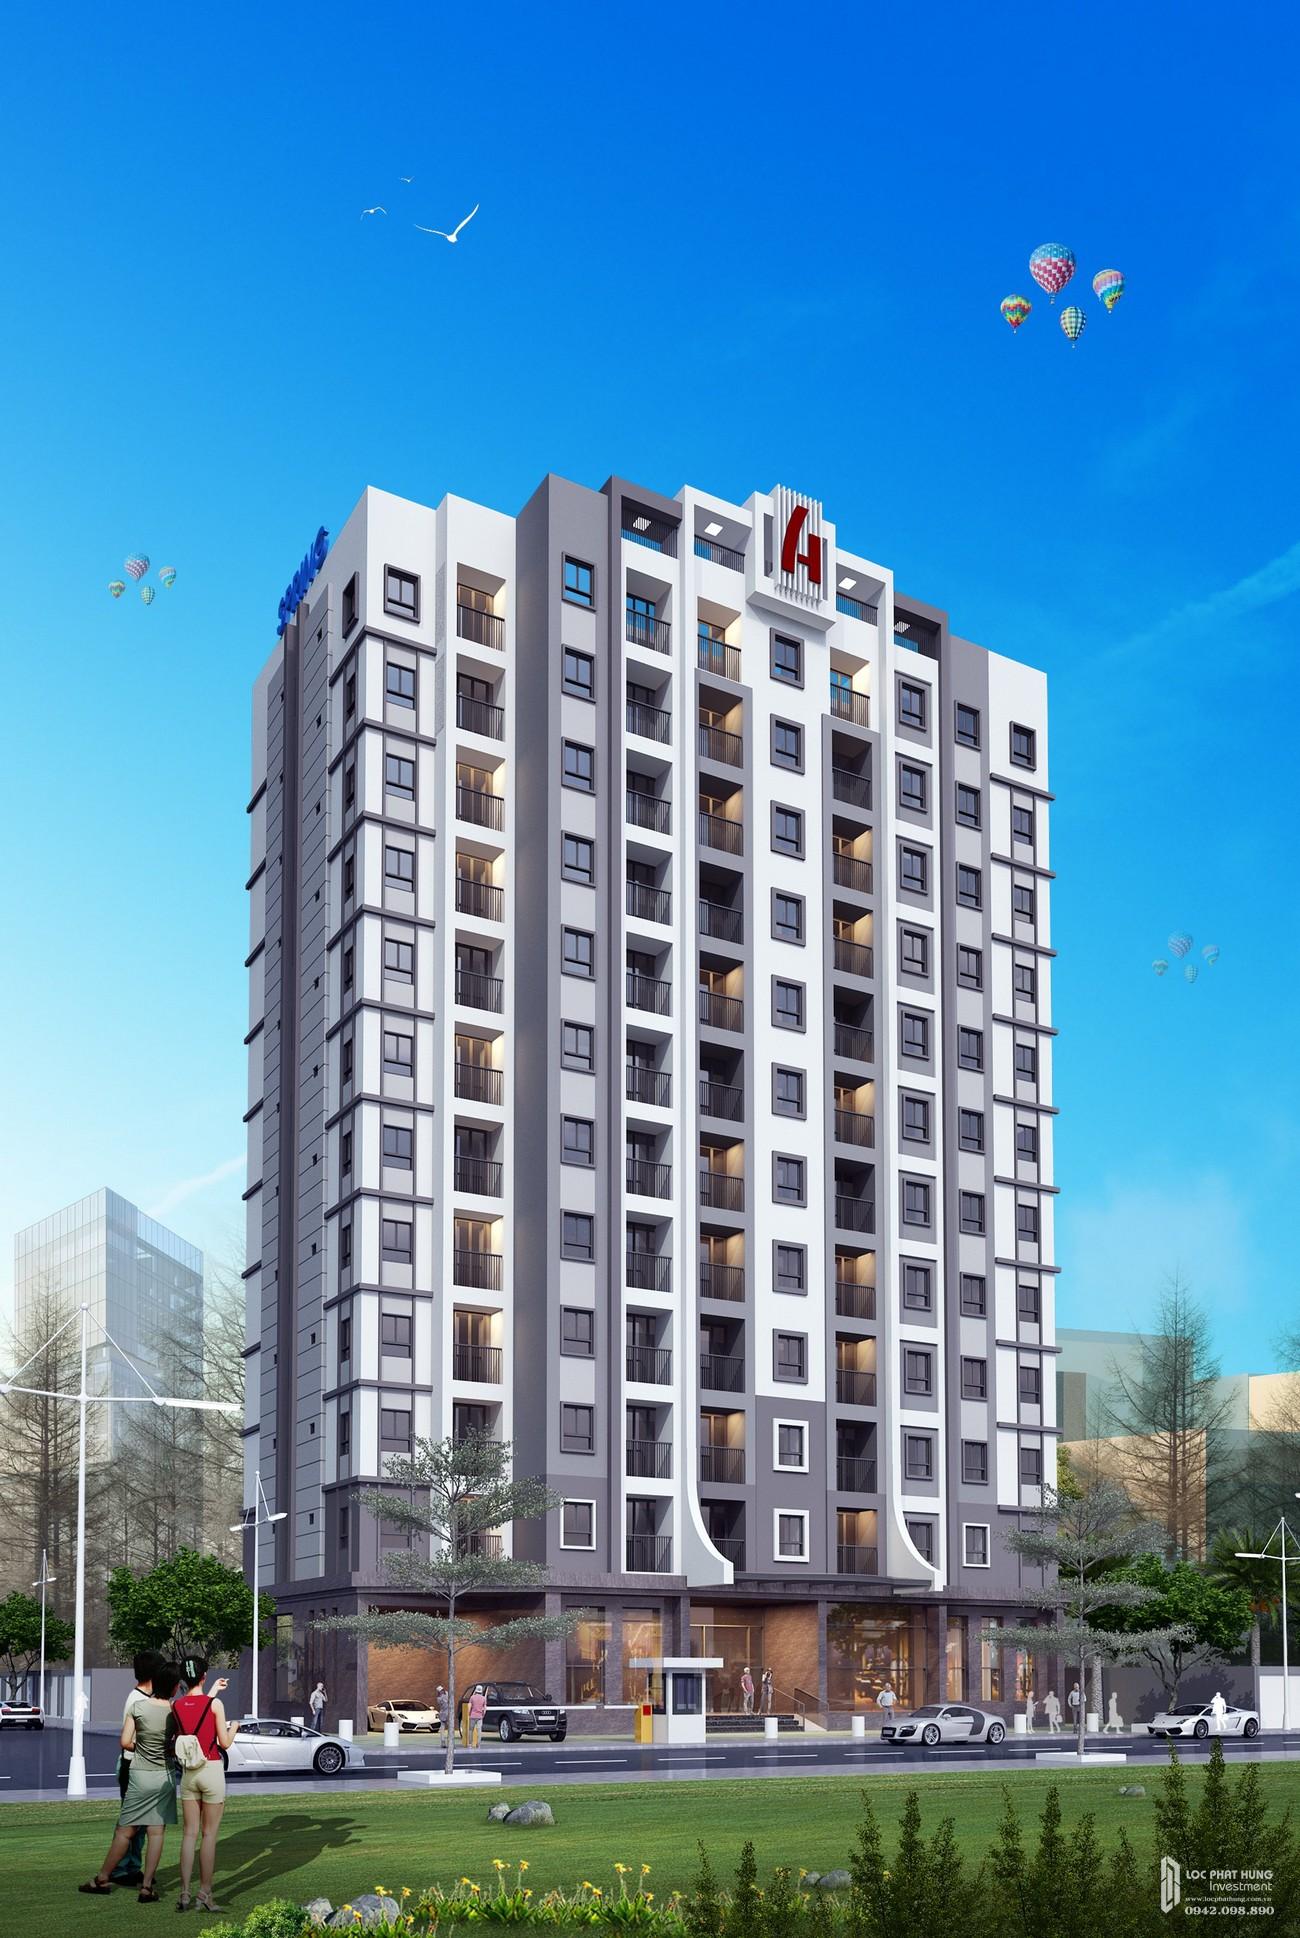 Phối cảnh tổng thể dự án căn hộ chung cư The Seasons Apartment Thuận An Đường QL13 chủ đầu tư An Huy Construction